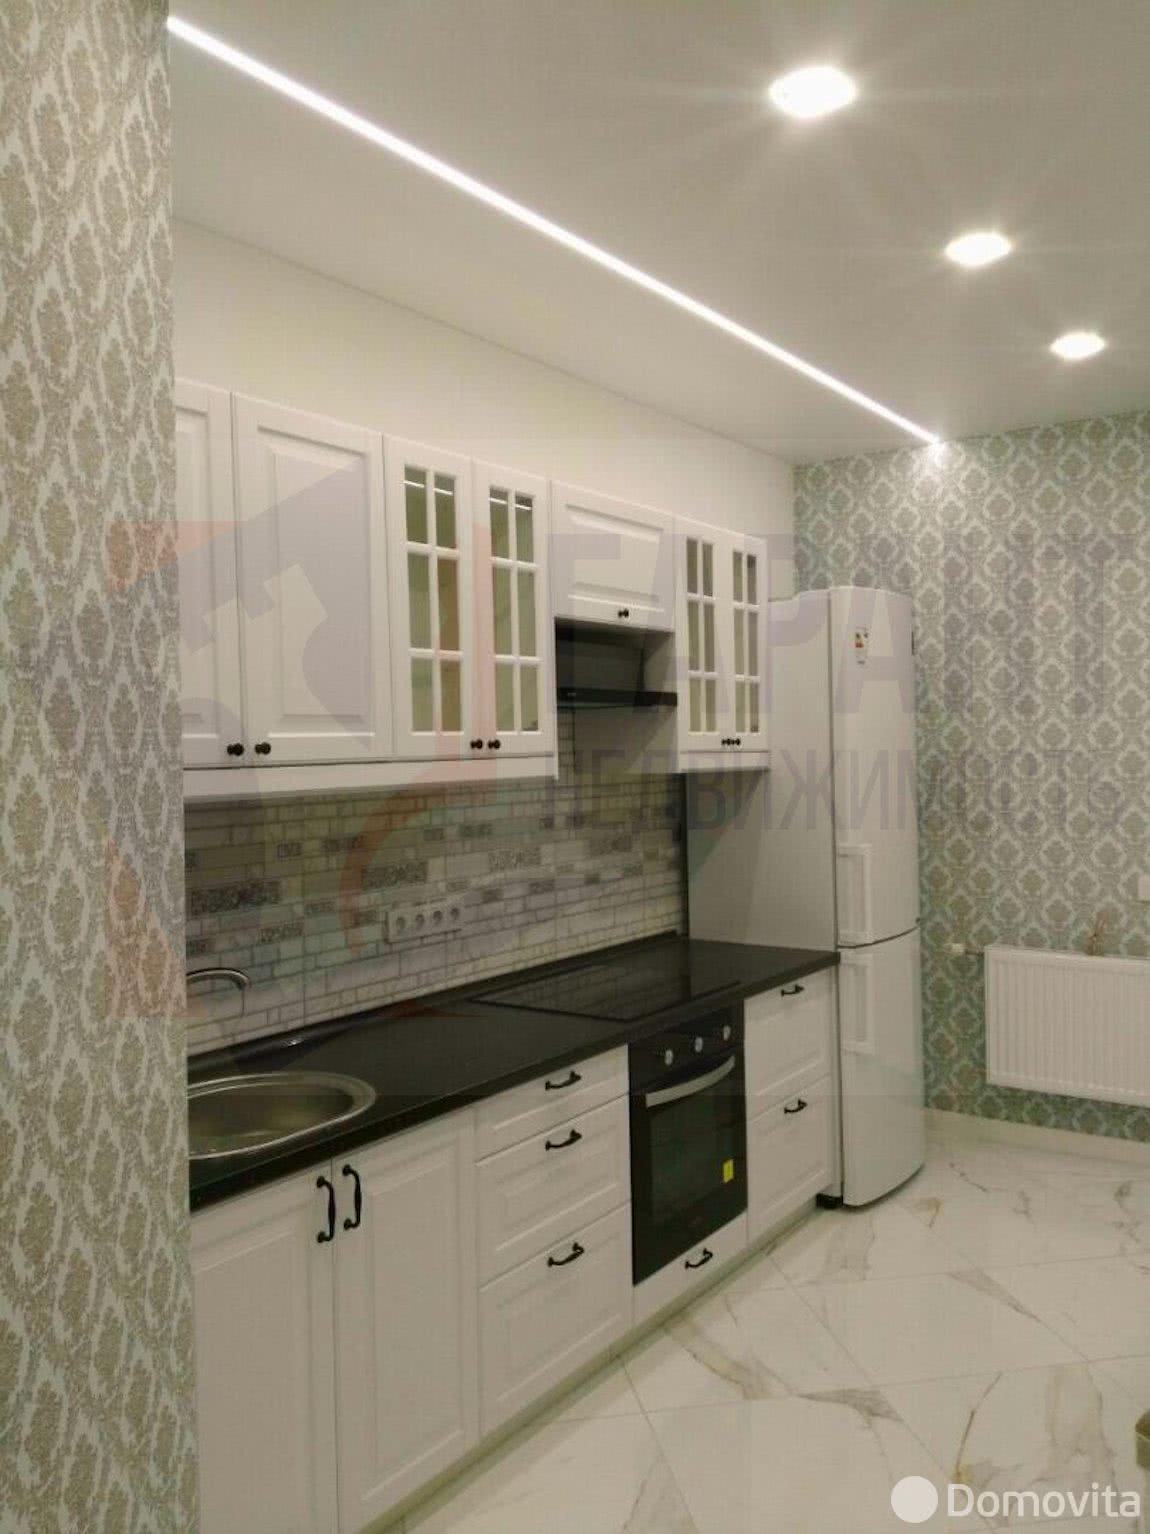 Аренда 1-комнатной квартиры в Минске, ул. Академика Карского, д. 27 - фото 2